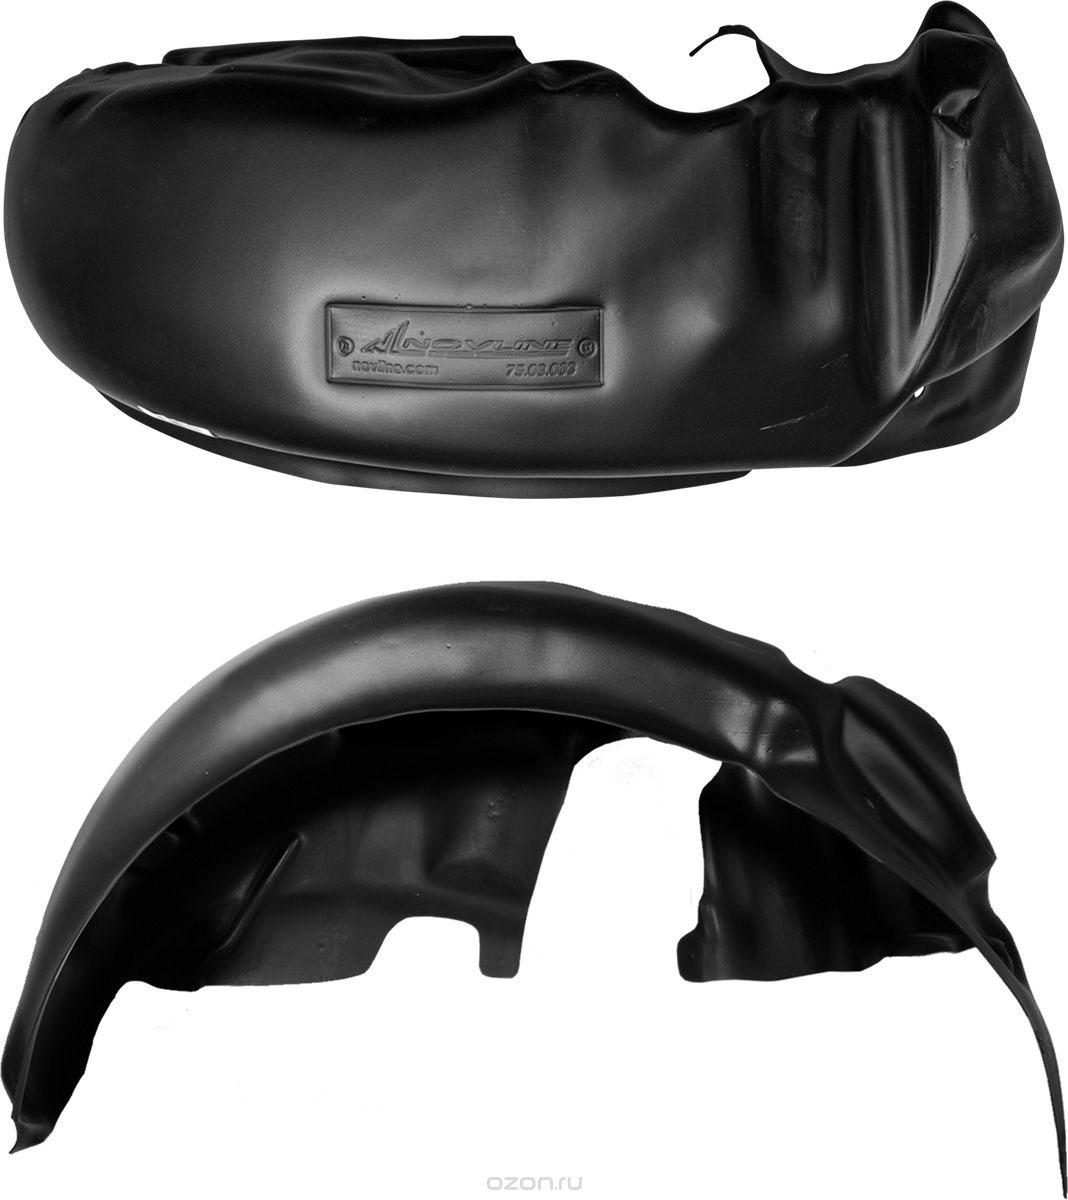 Подкрылок Novline-Autofamily, для Toyota Yaris, 01/2006-2013, передний правыйNLL.48.10.002Идеальная защита колесной ниши. Локеры разработаны с применением цифровых технологий, гарантируют максимальную повторяемость поверхности арки. Изделия устанавливаются без нарушения лакокрасочного покрытия автомобиля, каждый подкрылок комплектуется крепежом. Уважаемые клиенты, обращаем ваше внимание, что фотографии на подкрылки универсальные и не отражают реальную форму изделия. При этом само изделие идет точно под размер указанного автомобиля.